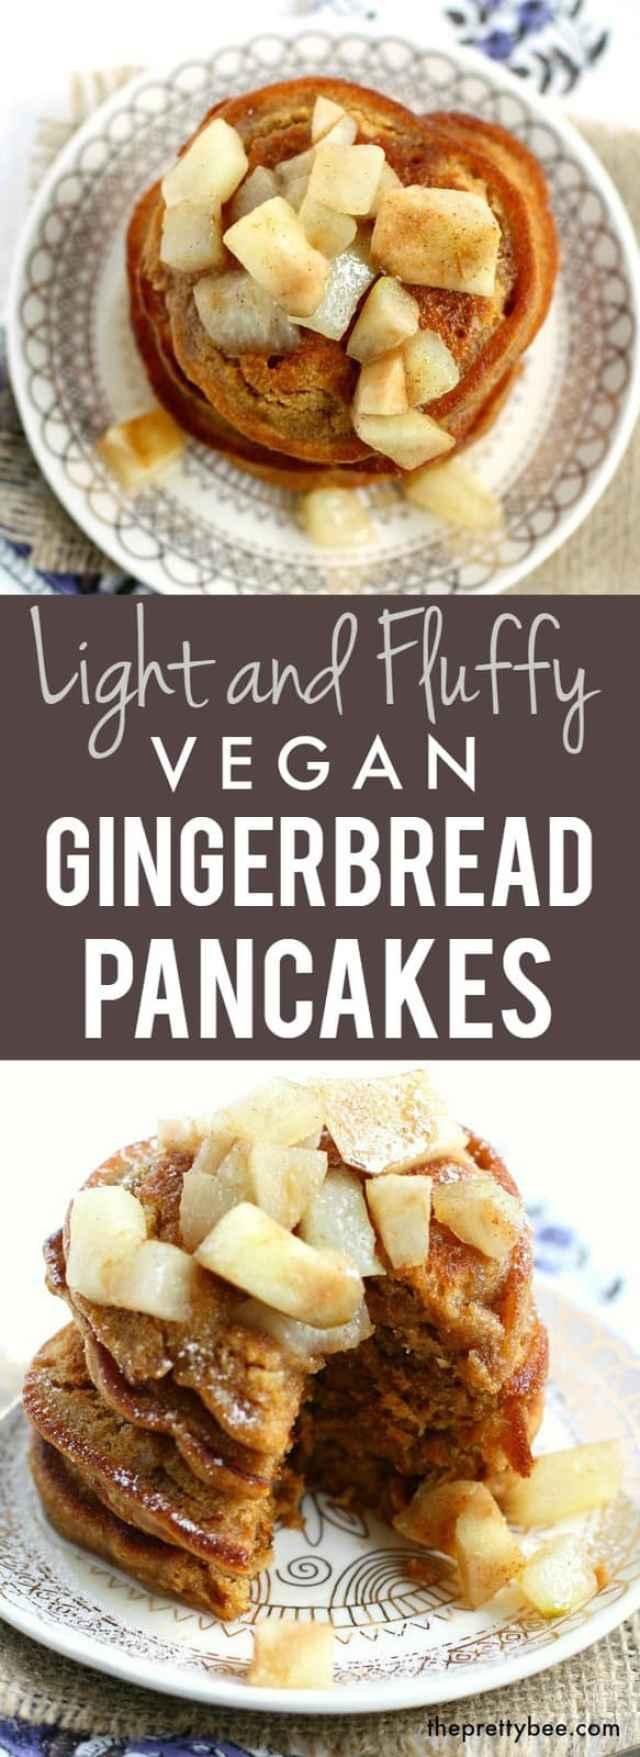 recipe for vegan gingerbread pancakes